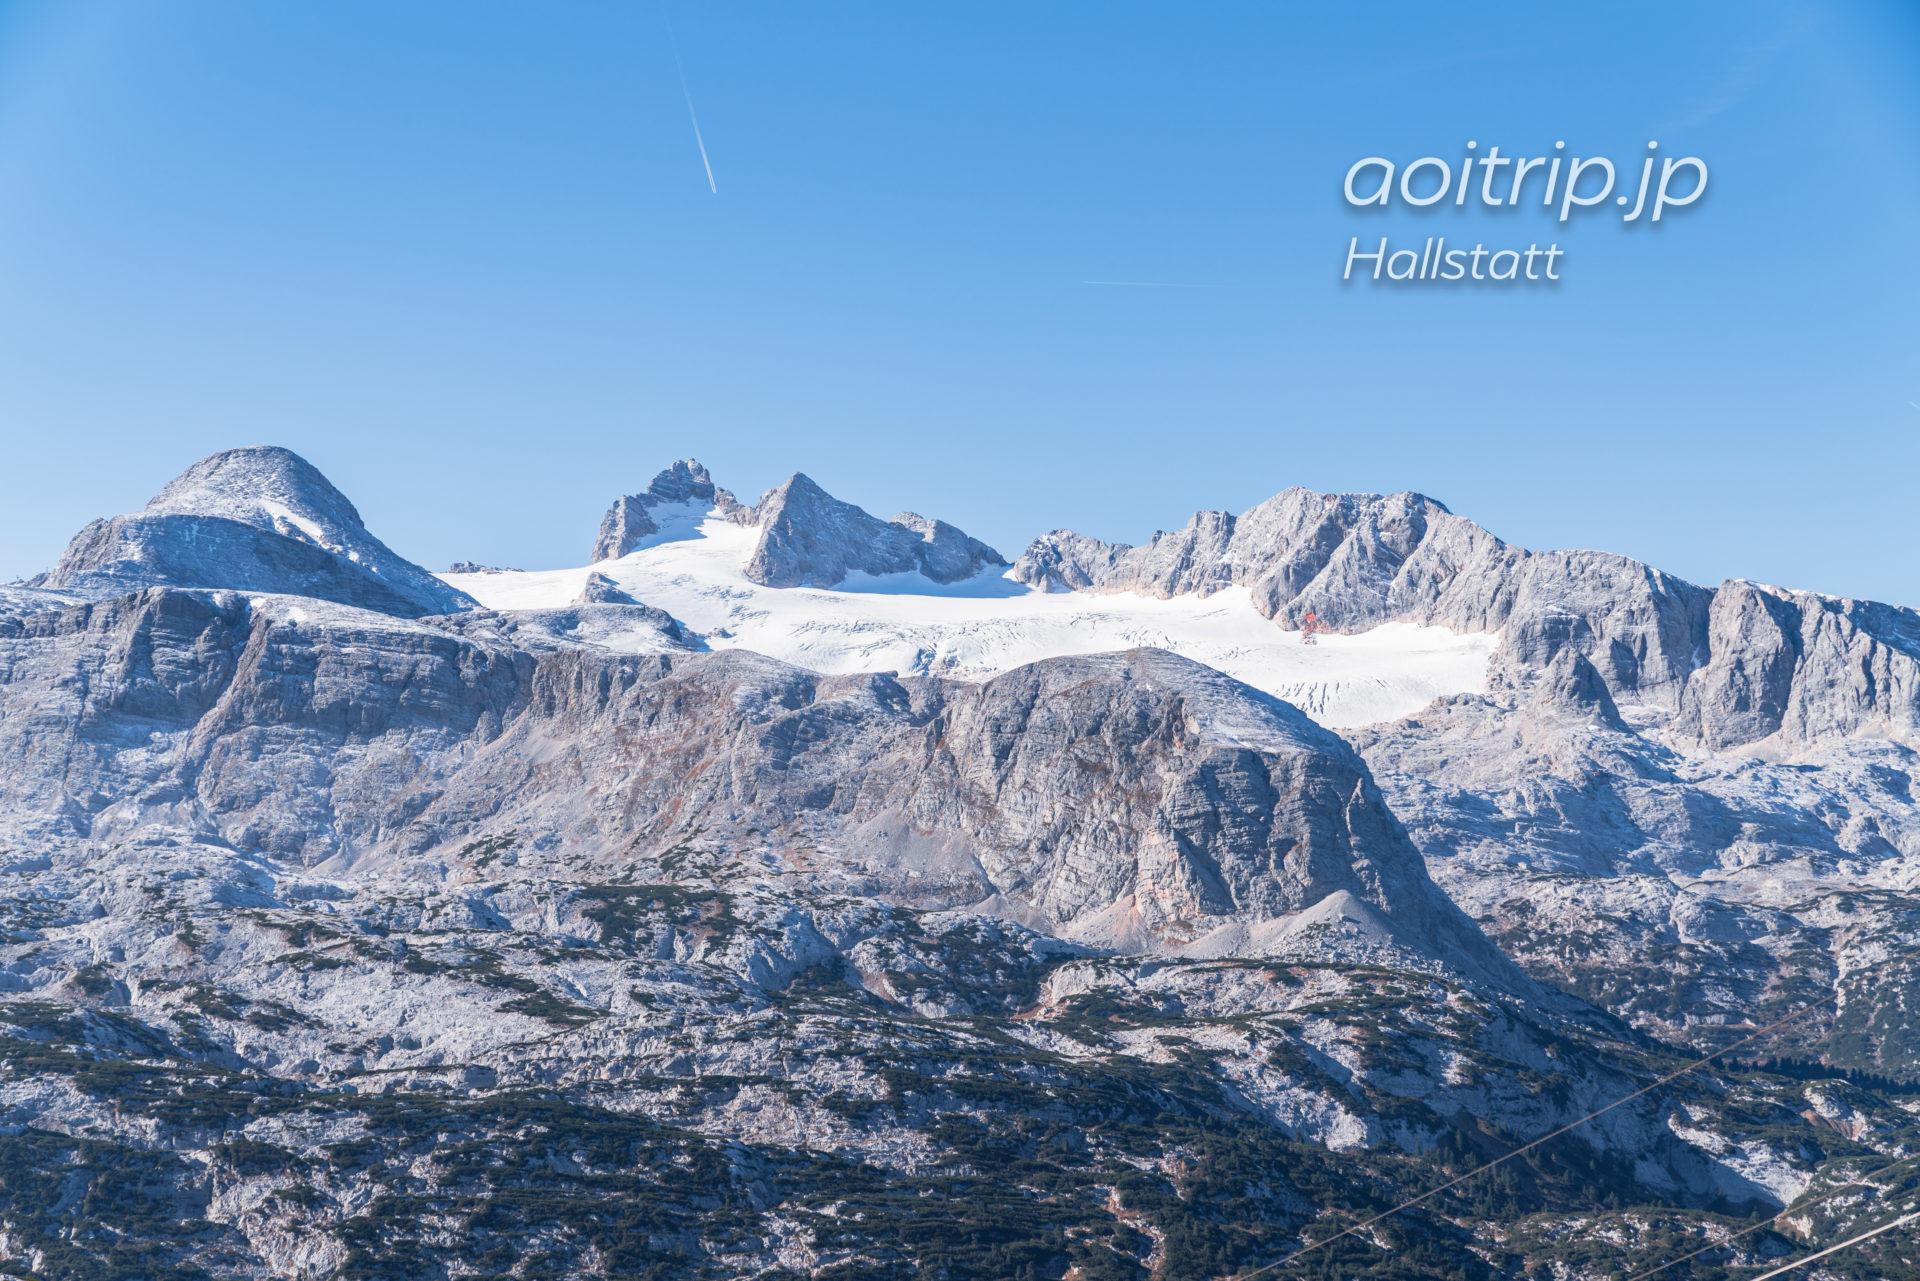 ダッハシュタイン山塊